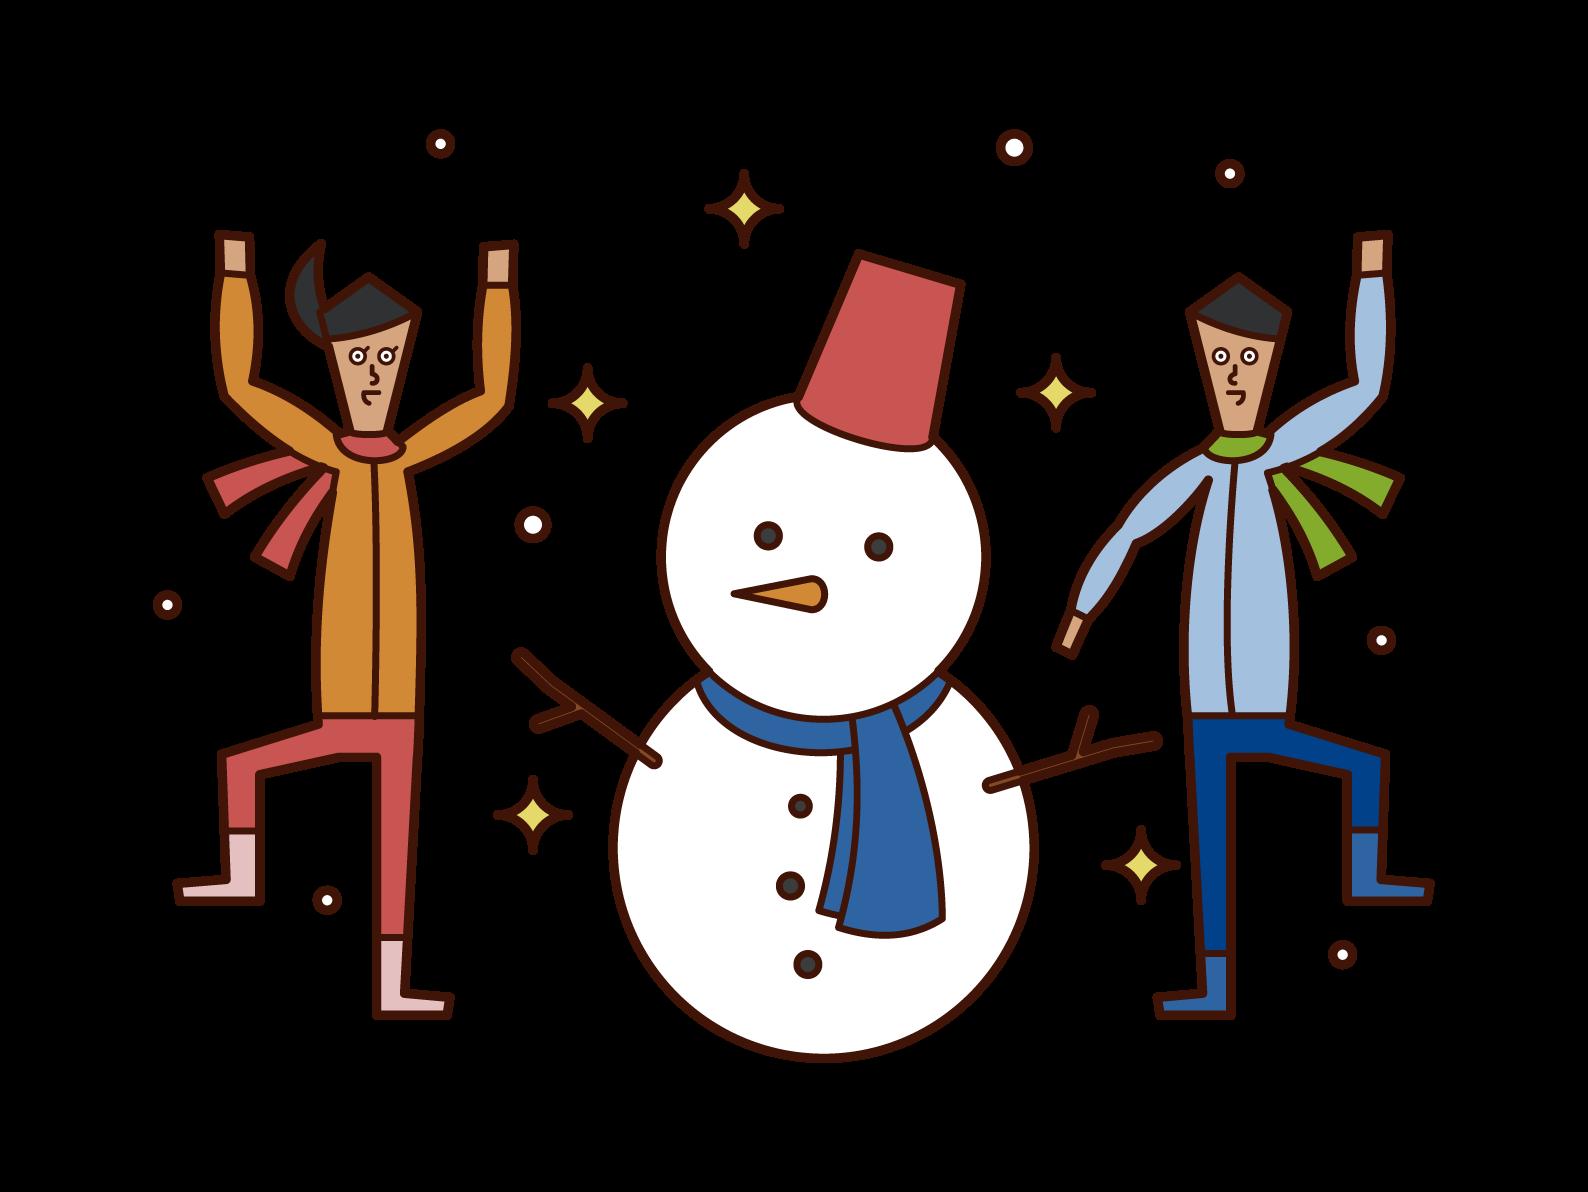 雪だるまを作って楽しむ子供たちのイラスト